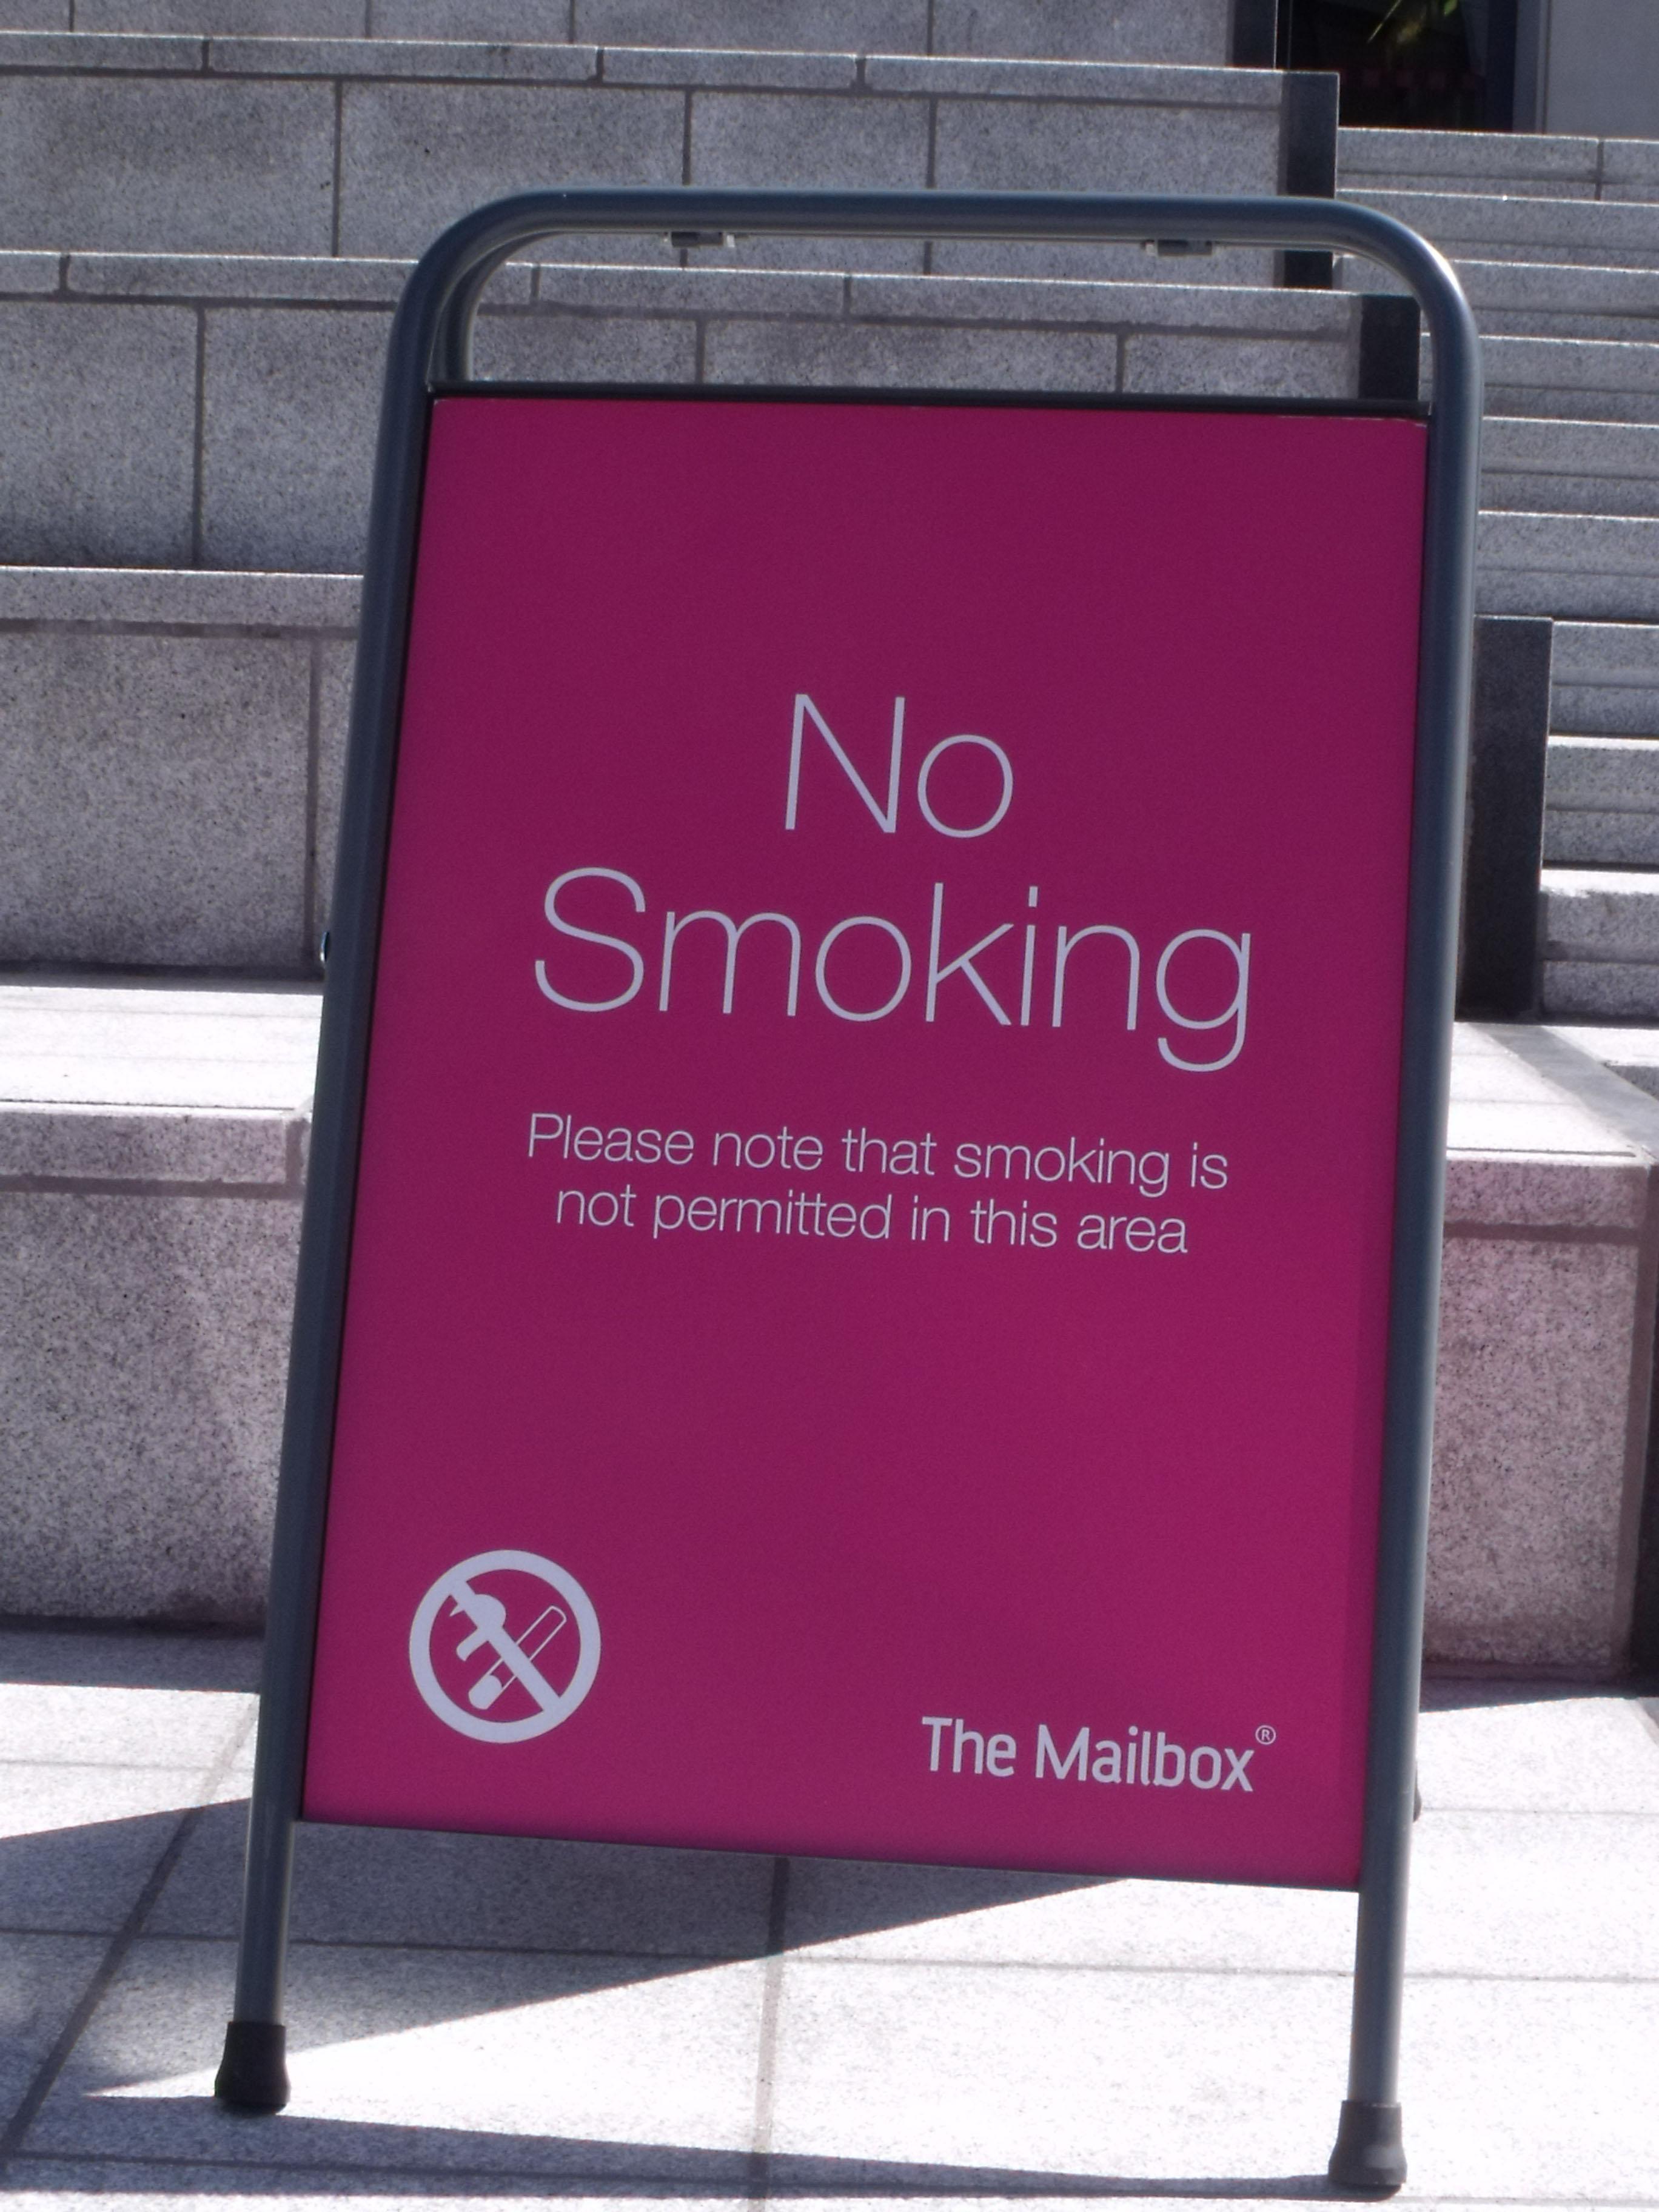 no smoking in public notice